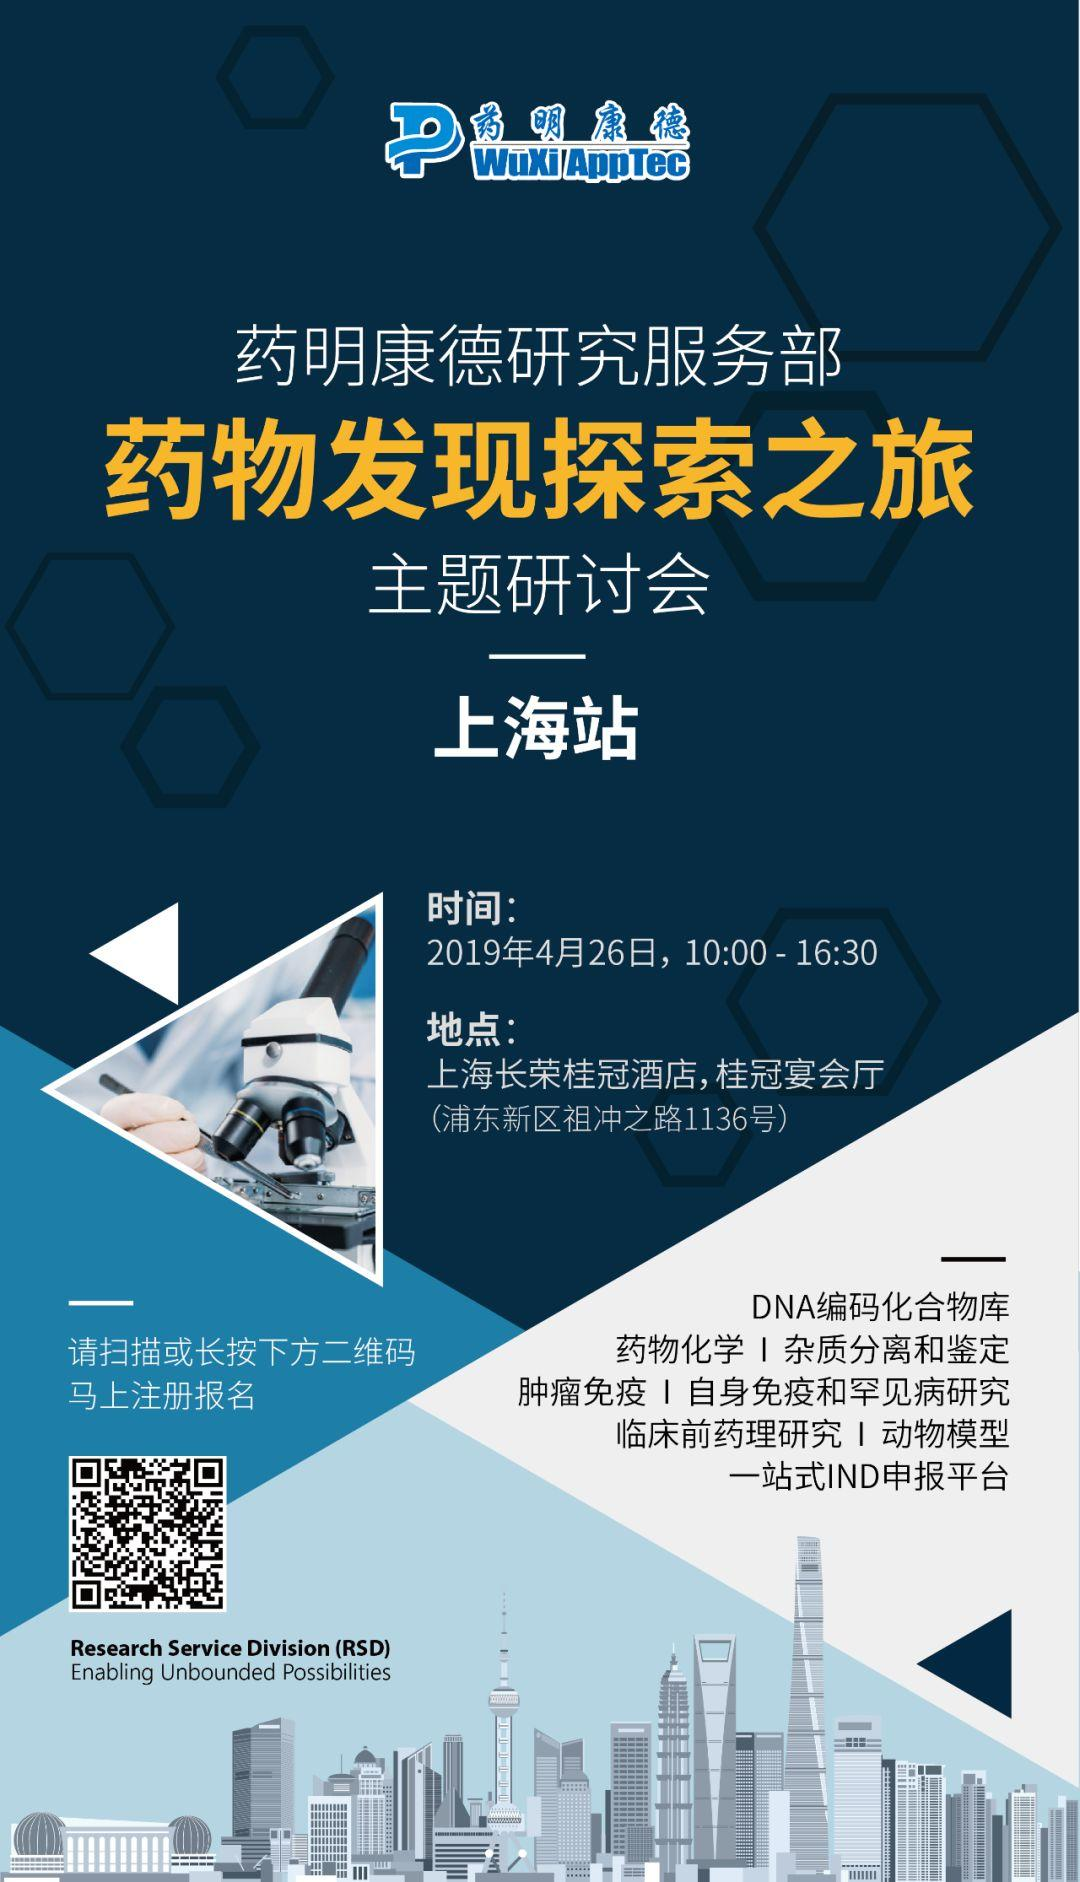 """药明康德研究服务部""""药物发现探索之旅""""主题研讨会 l 上海站"""